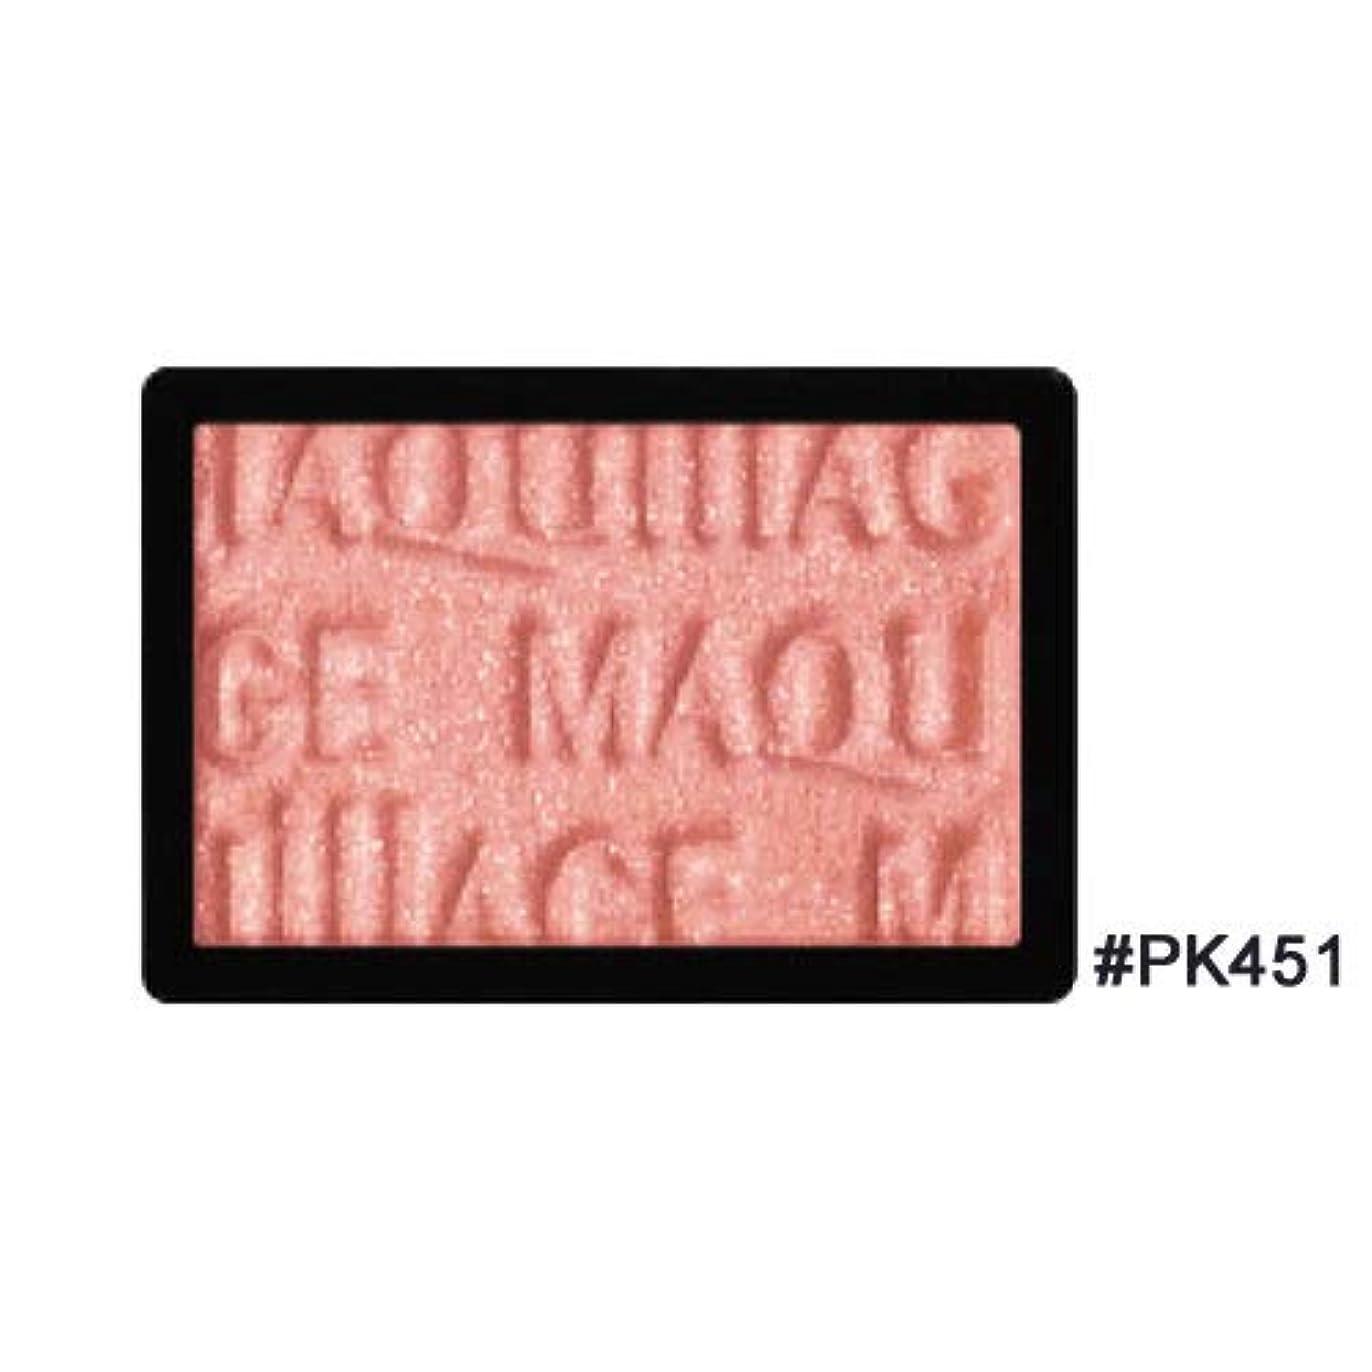 侮辱乱すボード資生堂 SHISEIDO マキアージュ アイカラー N (パウダー) レフィル #PK451 [並行輸入品]